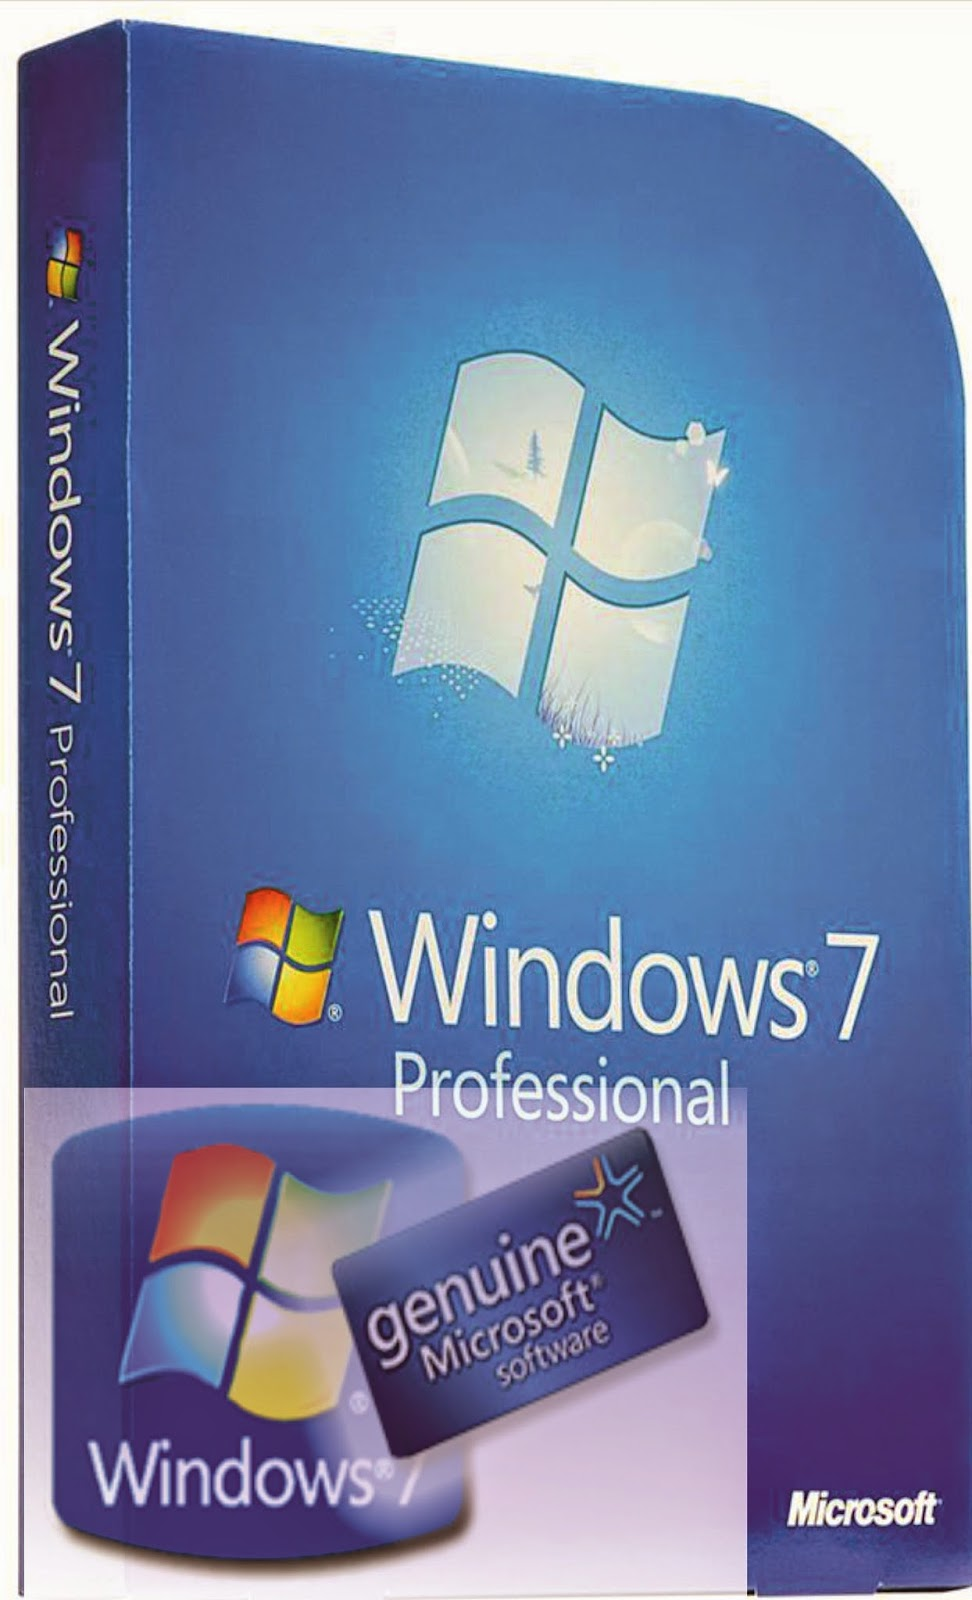 Windows 7 Loader Genuine Activator Crack